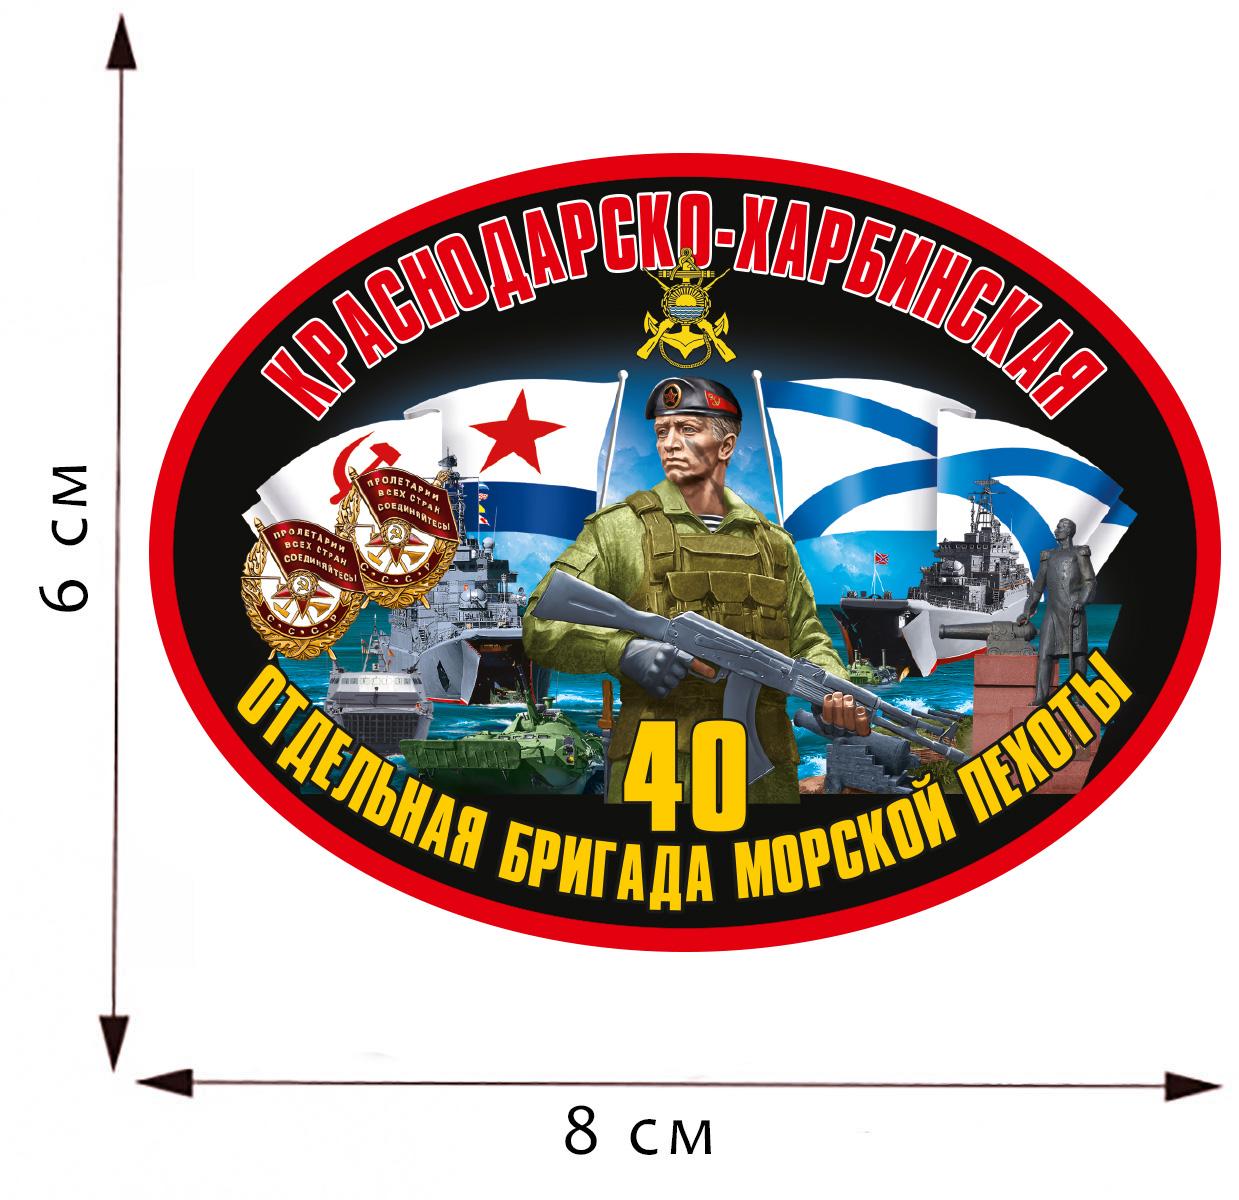 Купить зачетную термотрансферную наклейку 40 Отдельная бригада Морской Пехоты с доставкой